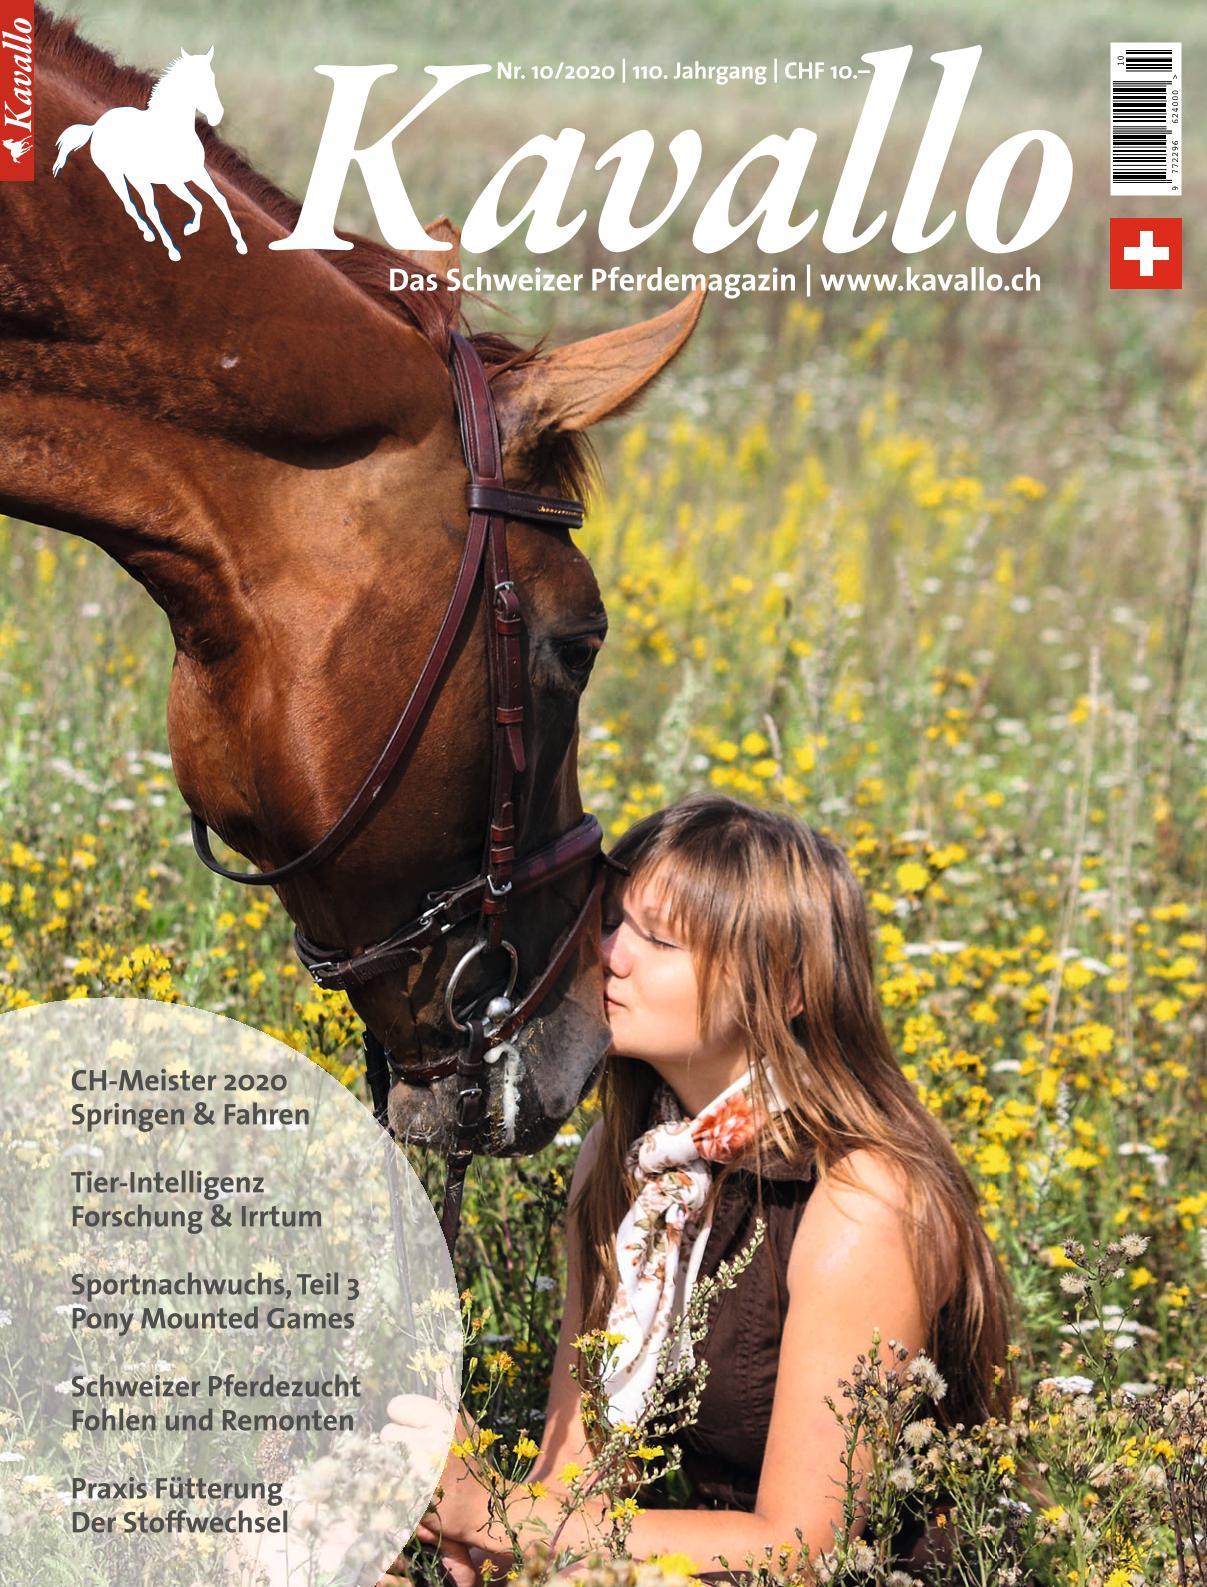 Kavallo-Ausgabe 10_2020 Reitsport, Pferdesport, Freizeitreiten, Pferdemädchen, Schweizer Pferdemagazin